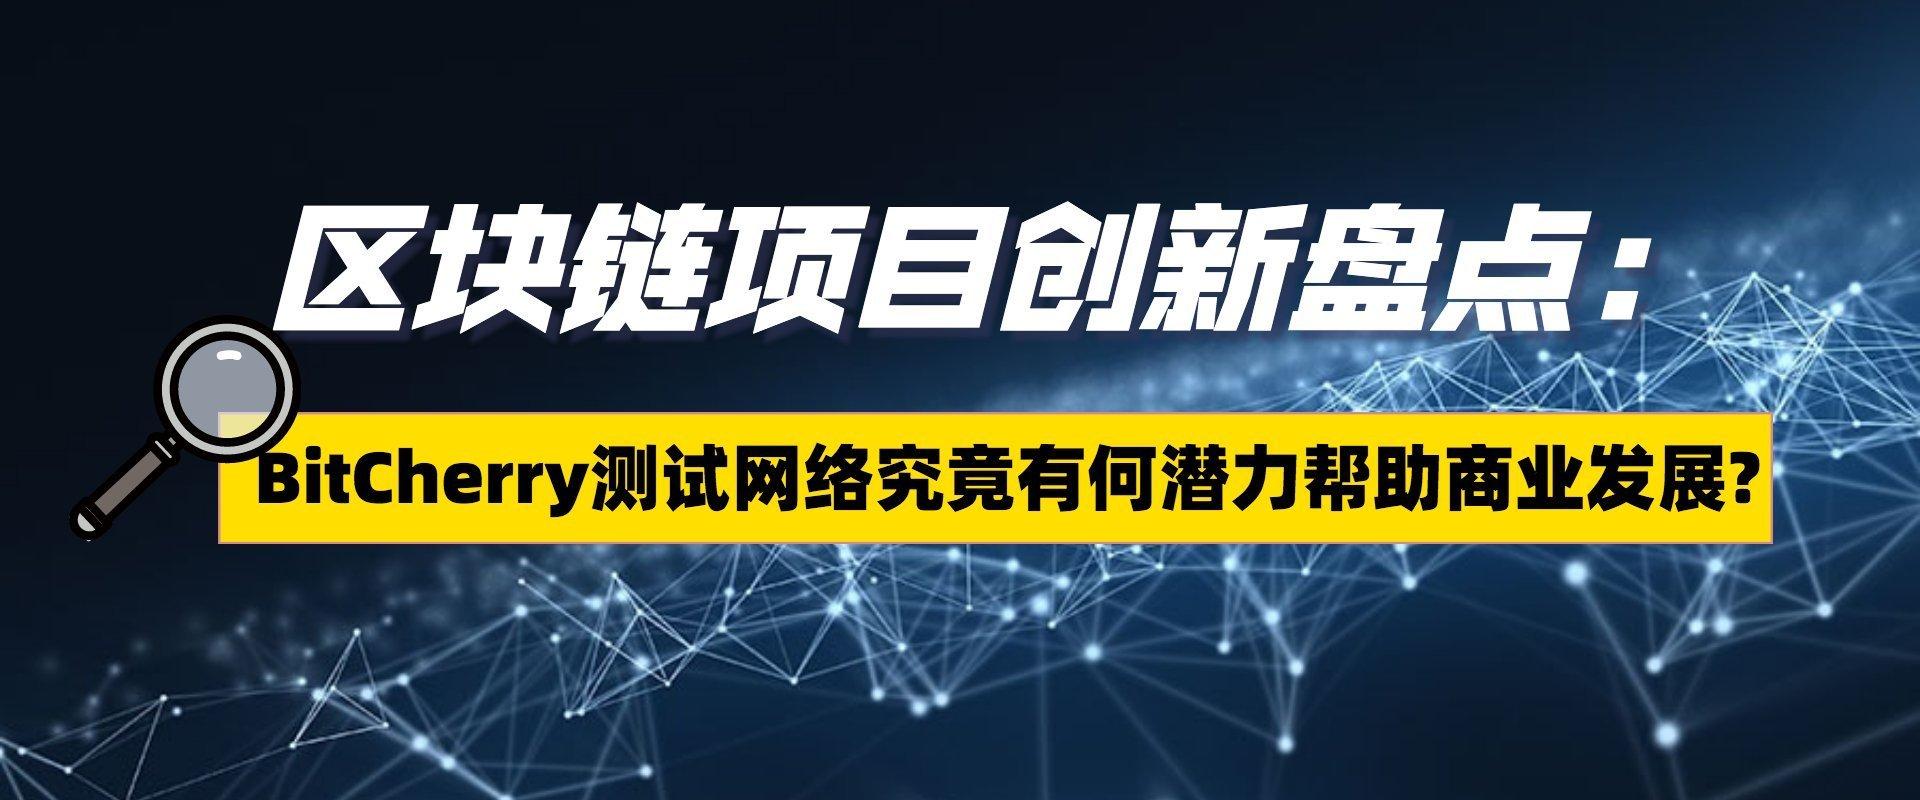 区块链项目创新盘点:BitCherry测试网络究竟有何潜力帮助商业发展?